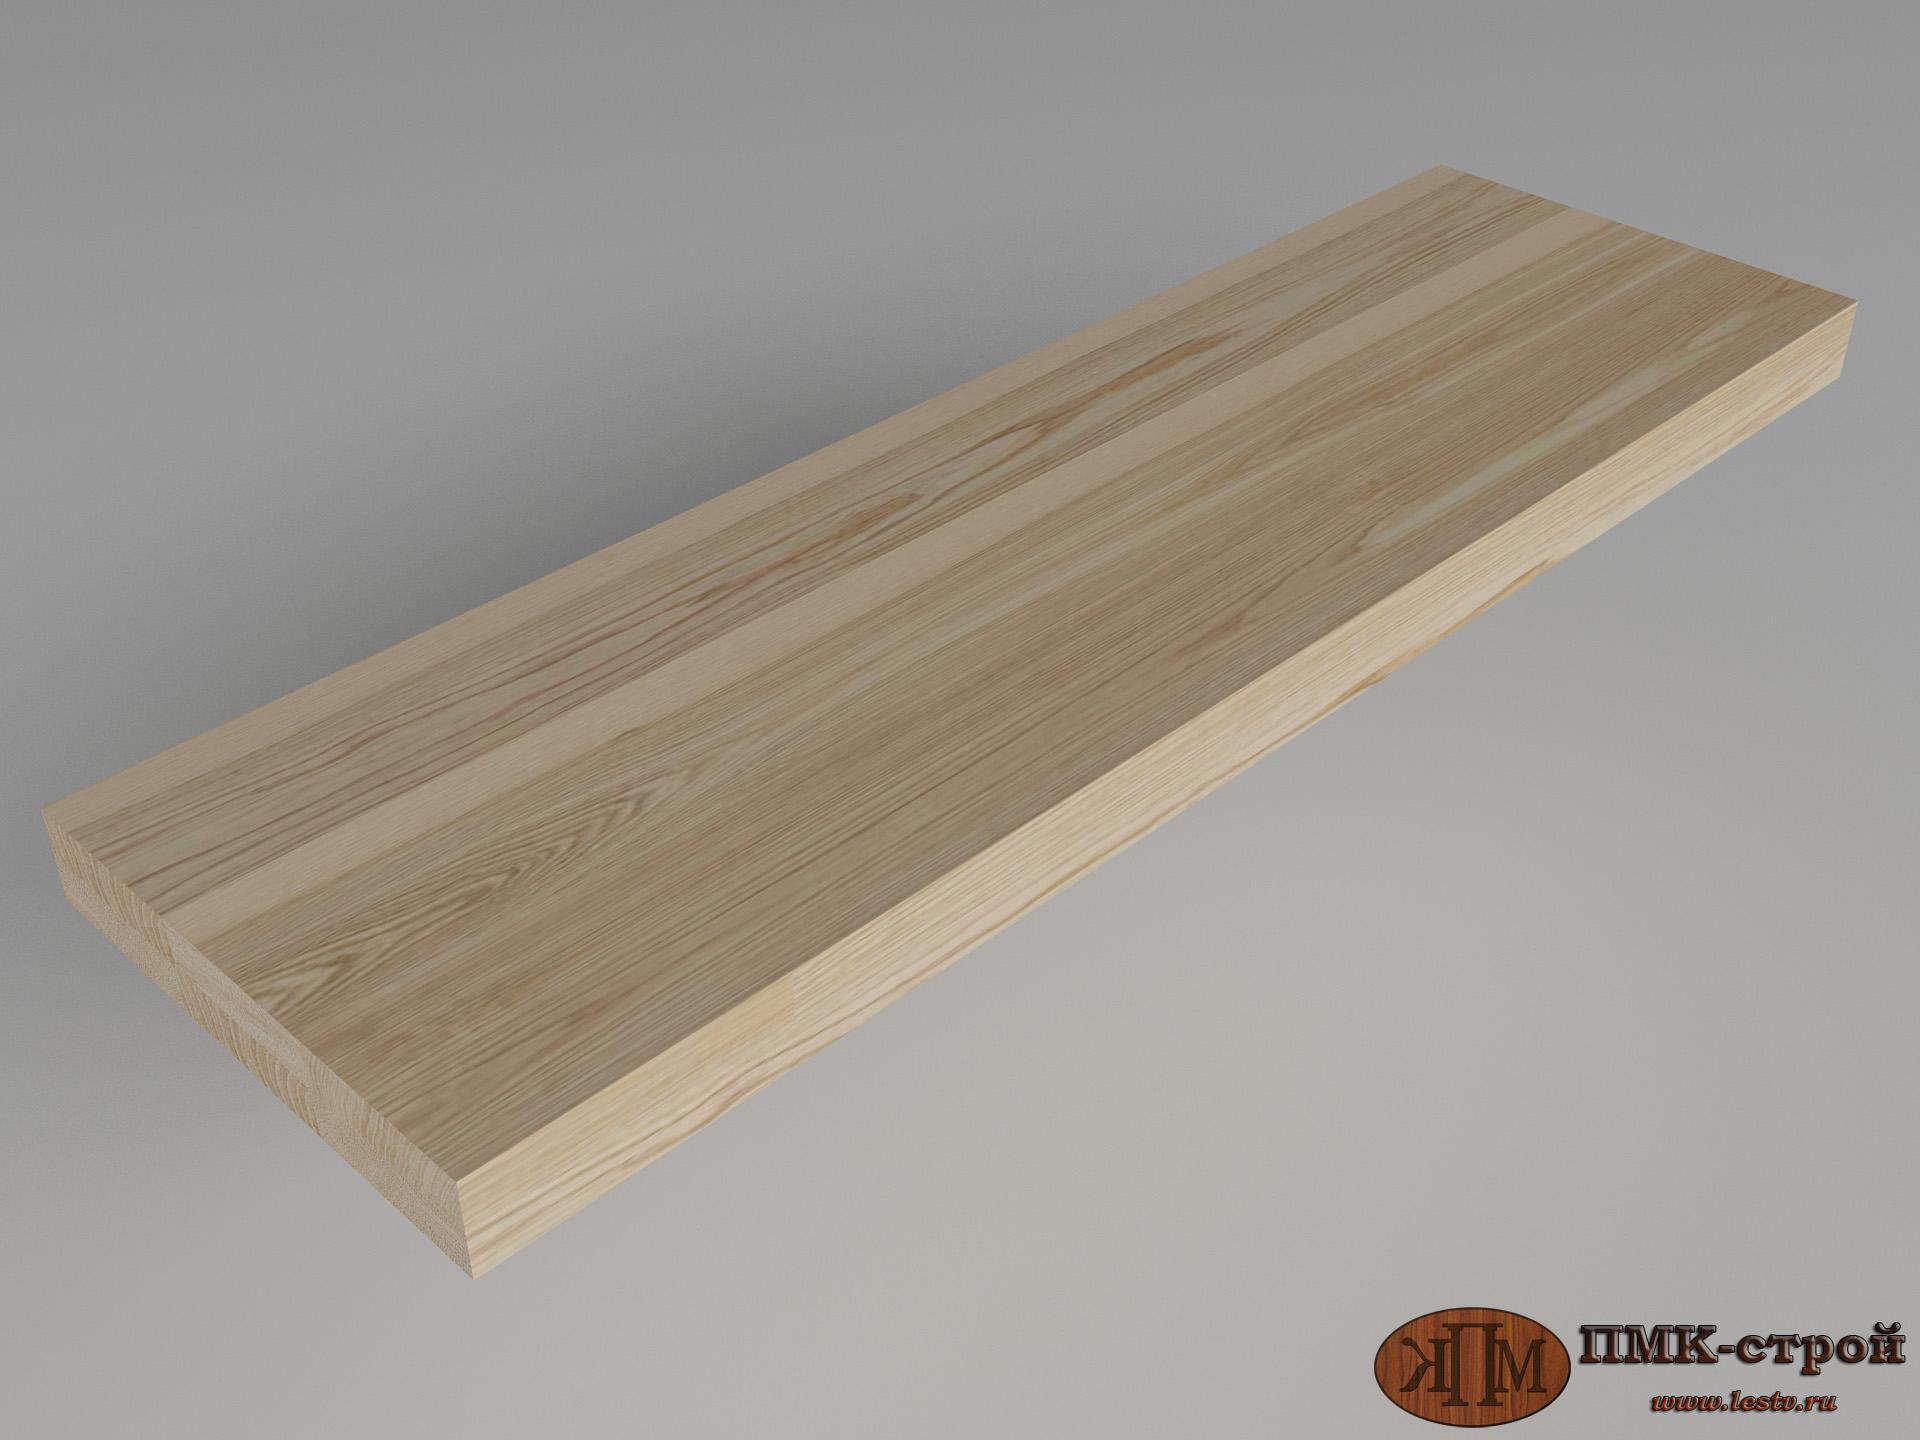 Сосновый мебельный щит - rosekolesru